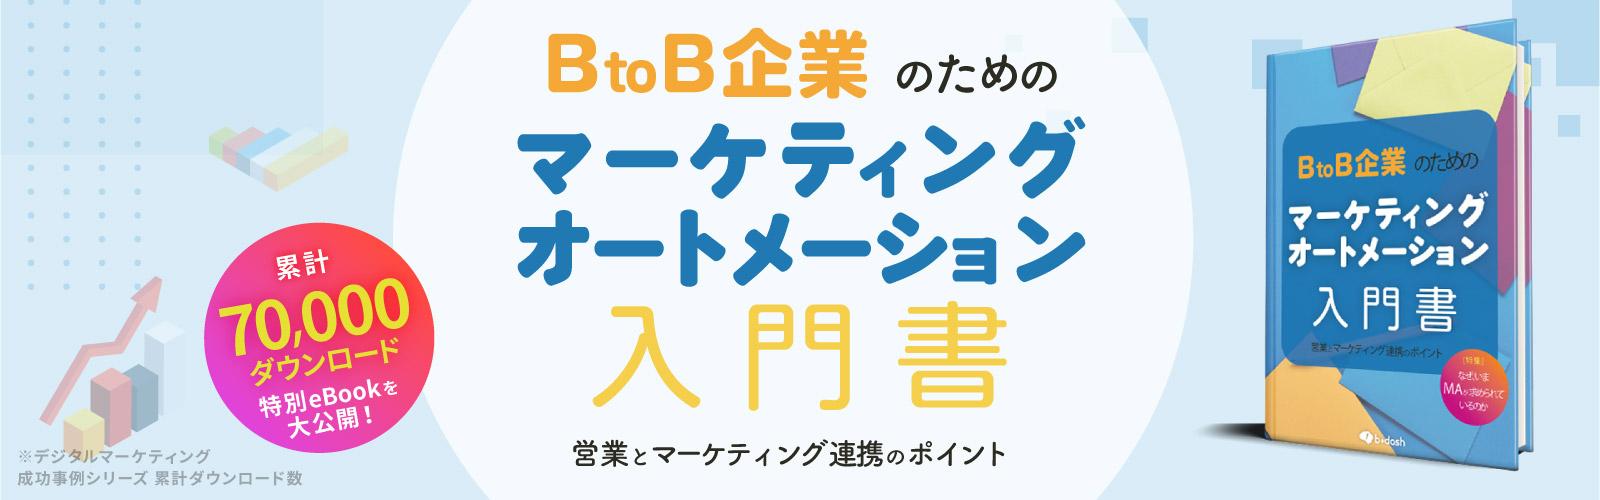 BtoB企業のための<br /> マーケティングオートメーション入門書